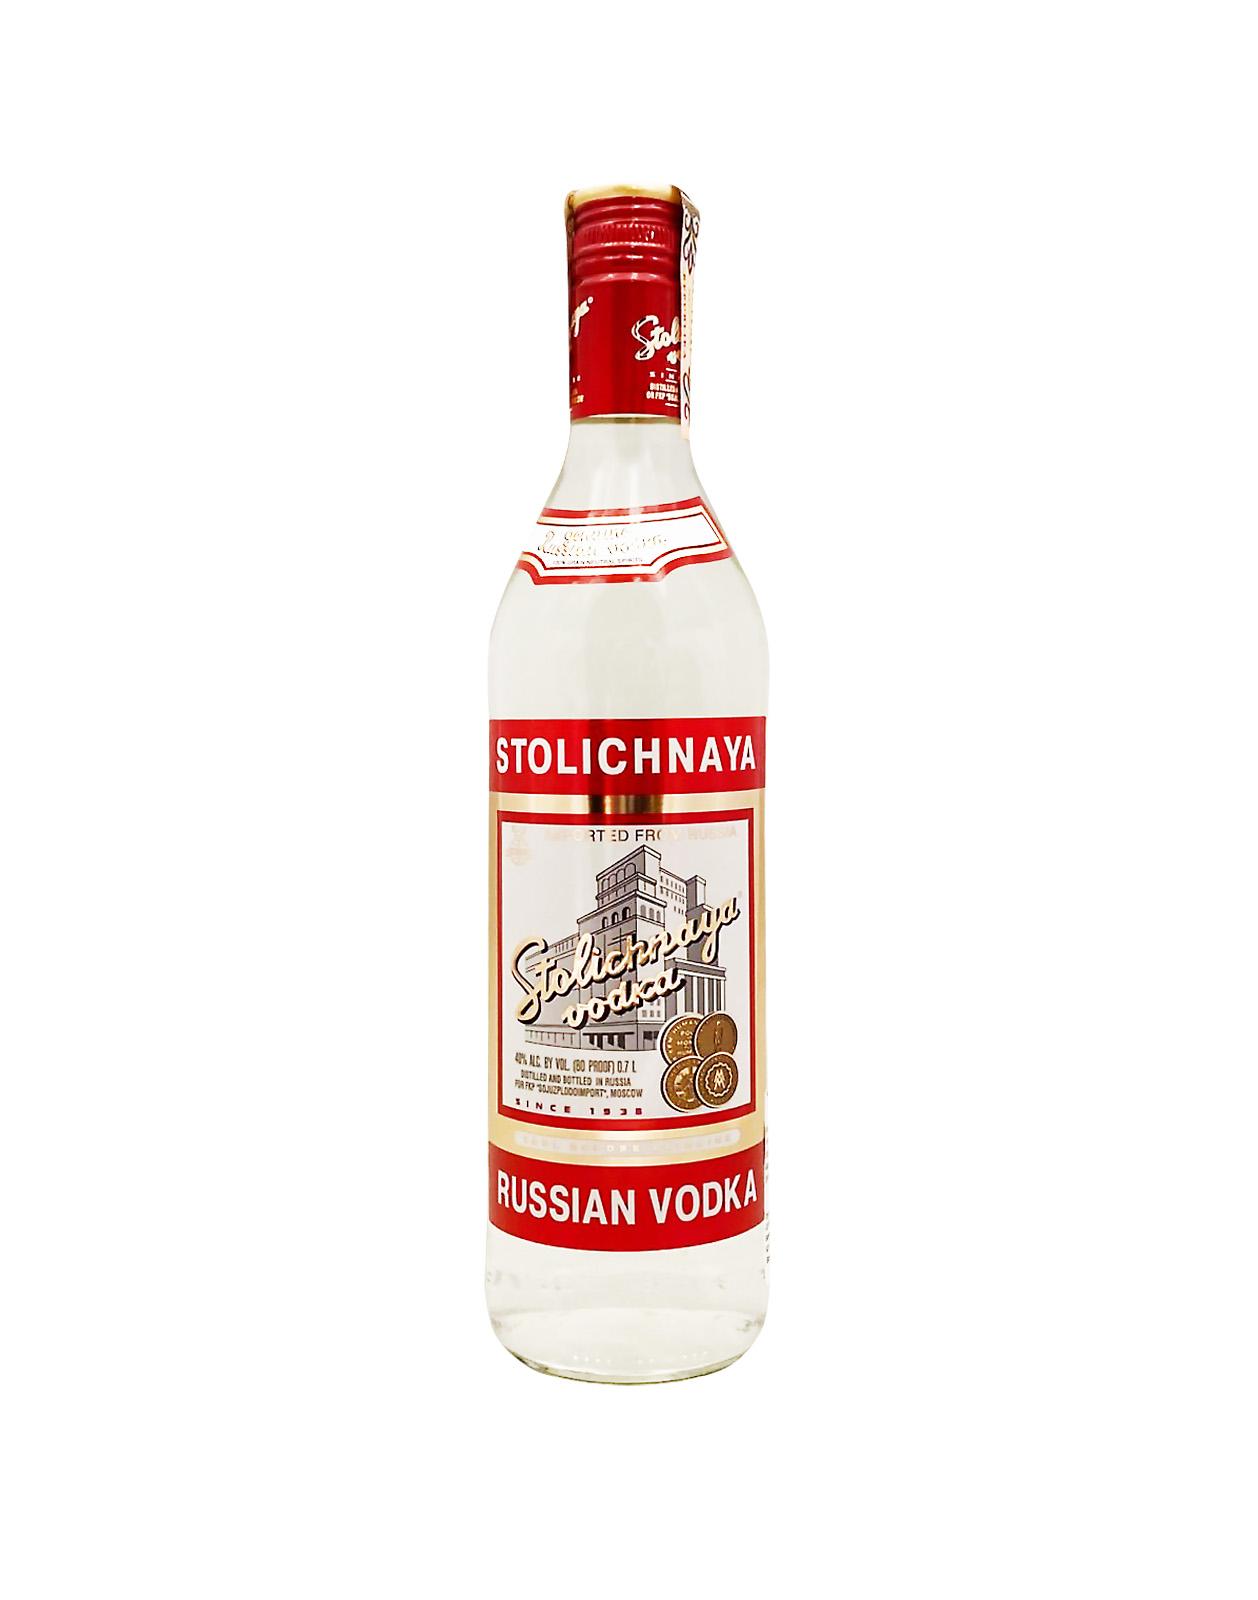 Stolichnaya Russian Vodka 40%, Bottleshop Sunny wines slnecnice mesto, petrzalka, Vodka, rozvoz alkoholu, eshop